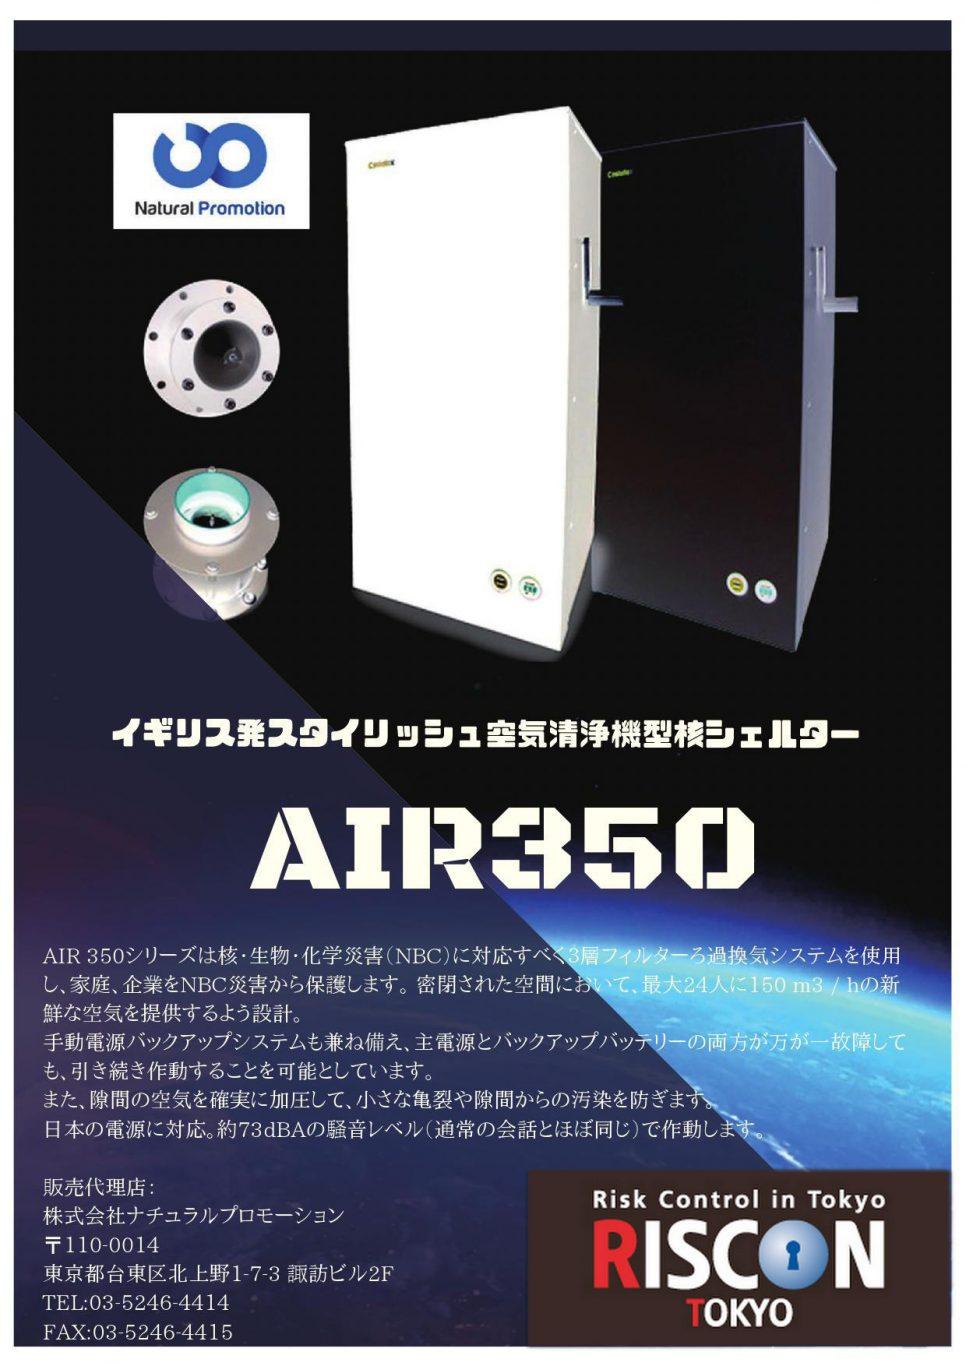 Air350 At Riscon Tokyo 2017